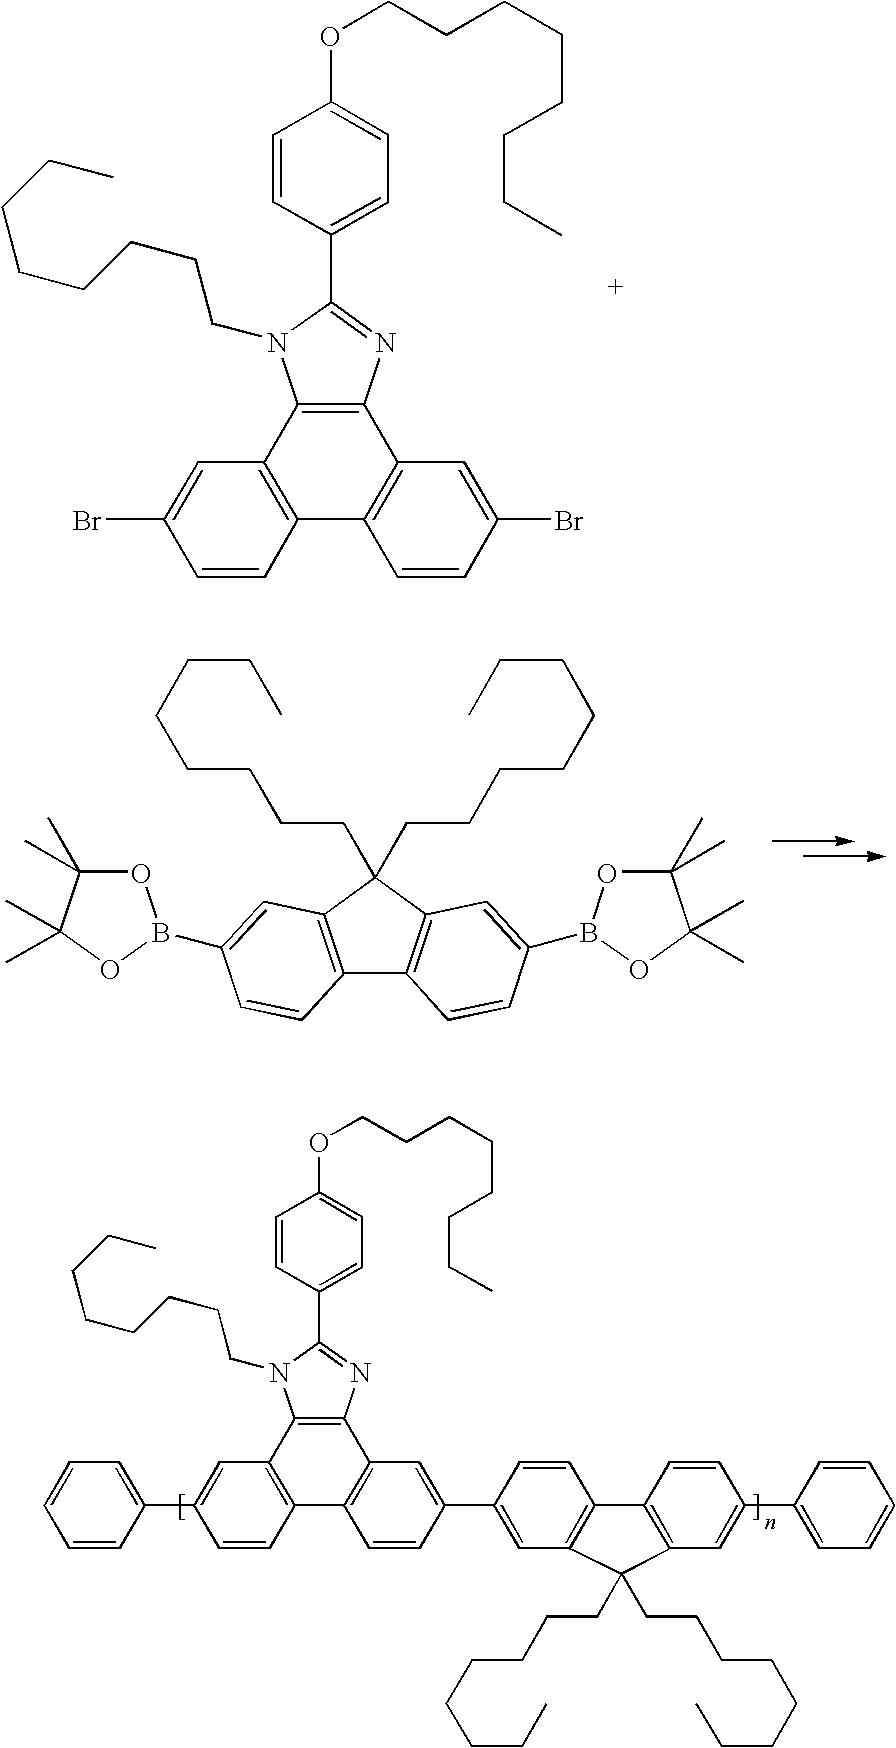 Figure US20090105447A1-20090423-C00175